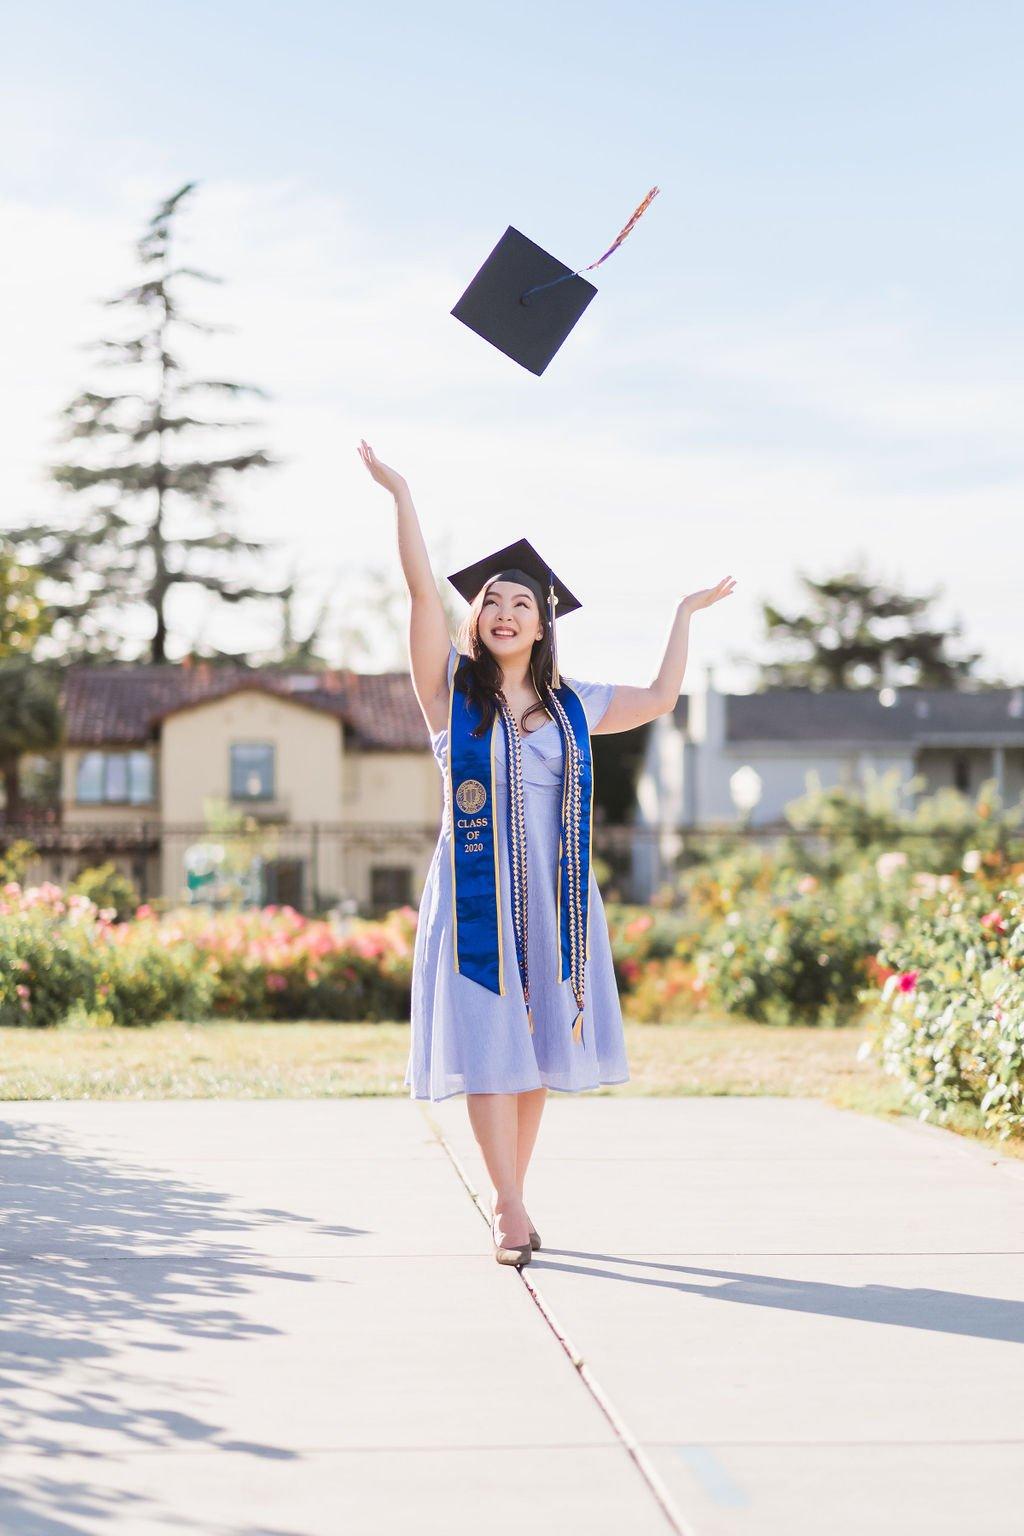 Graduate throwing cap in the air